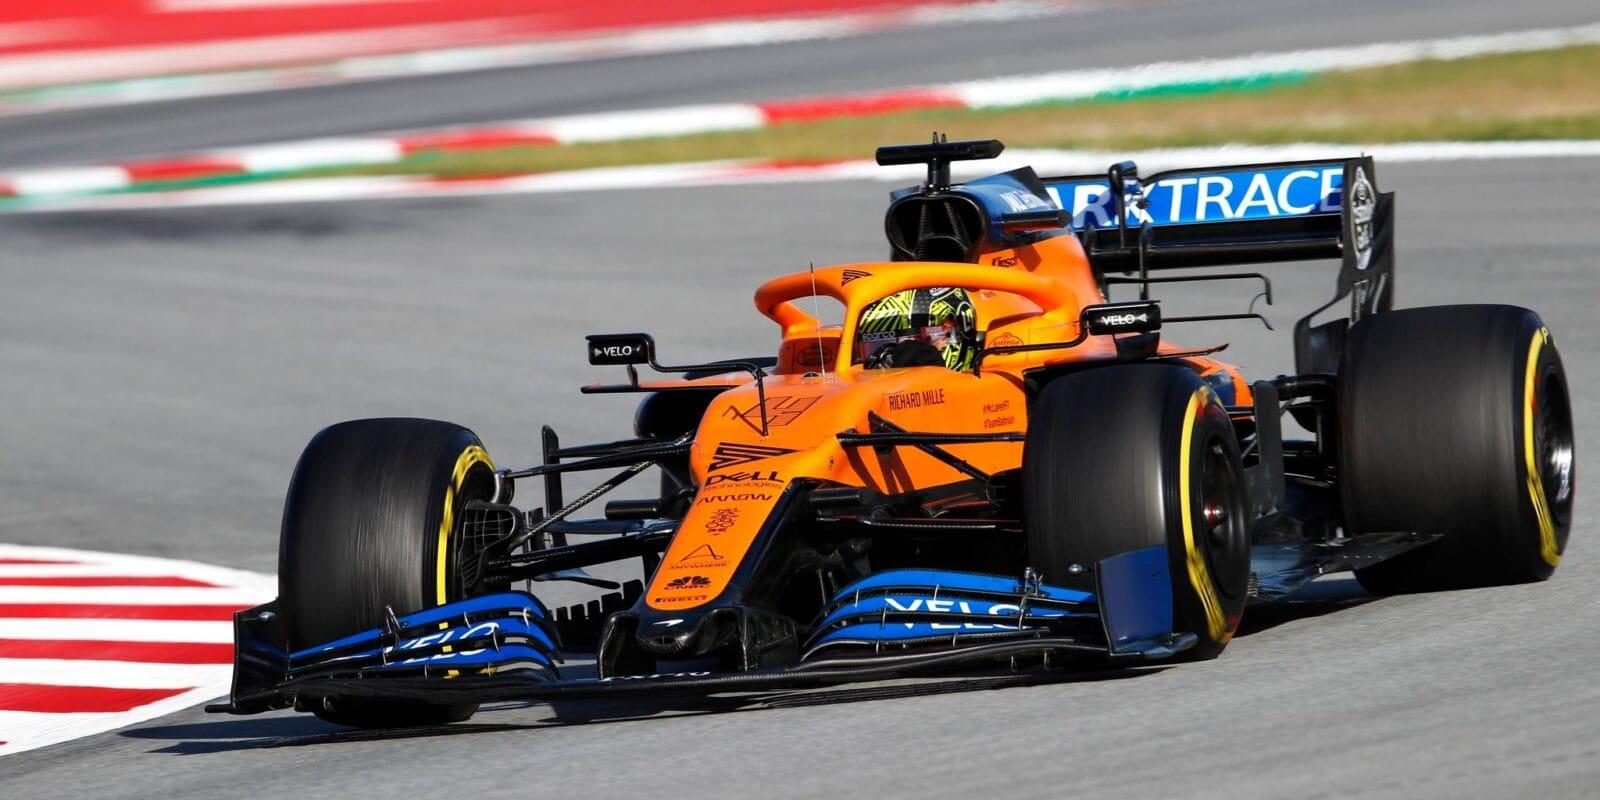 McLaren bije na poplach, potřebuje 280 milionů liber